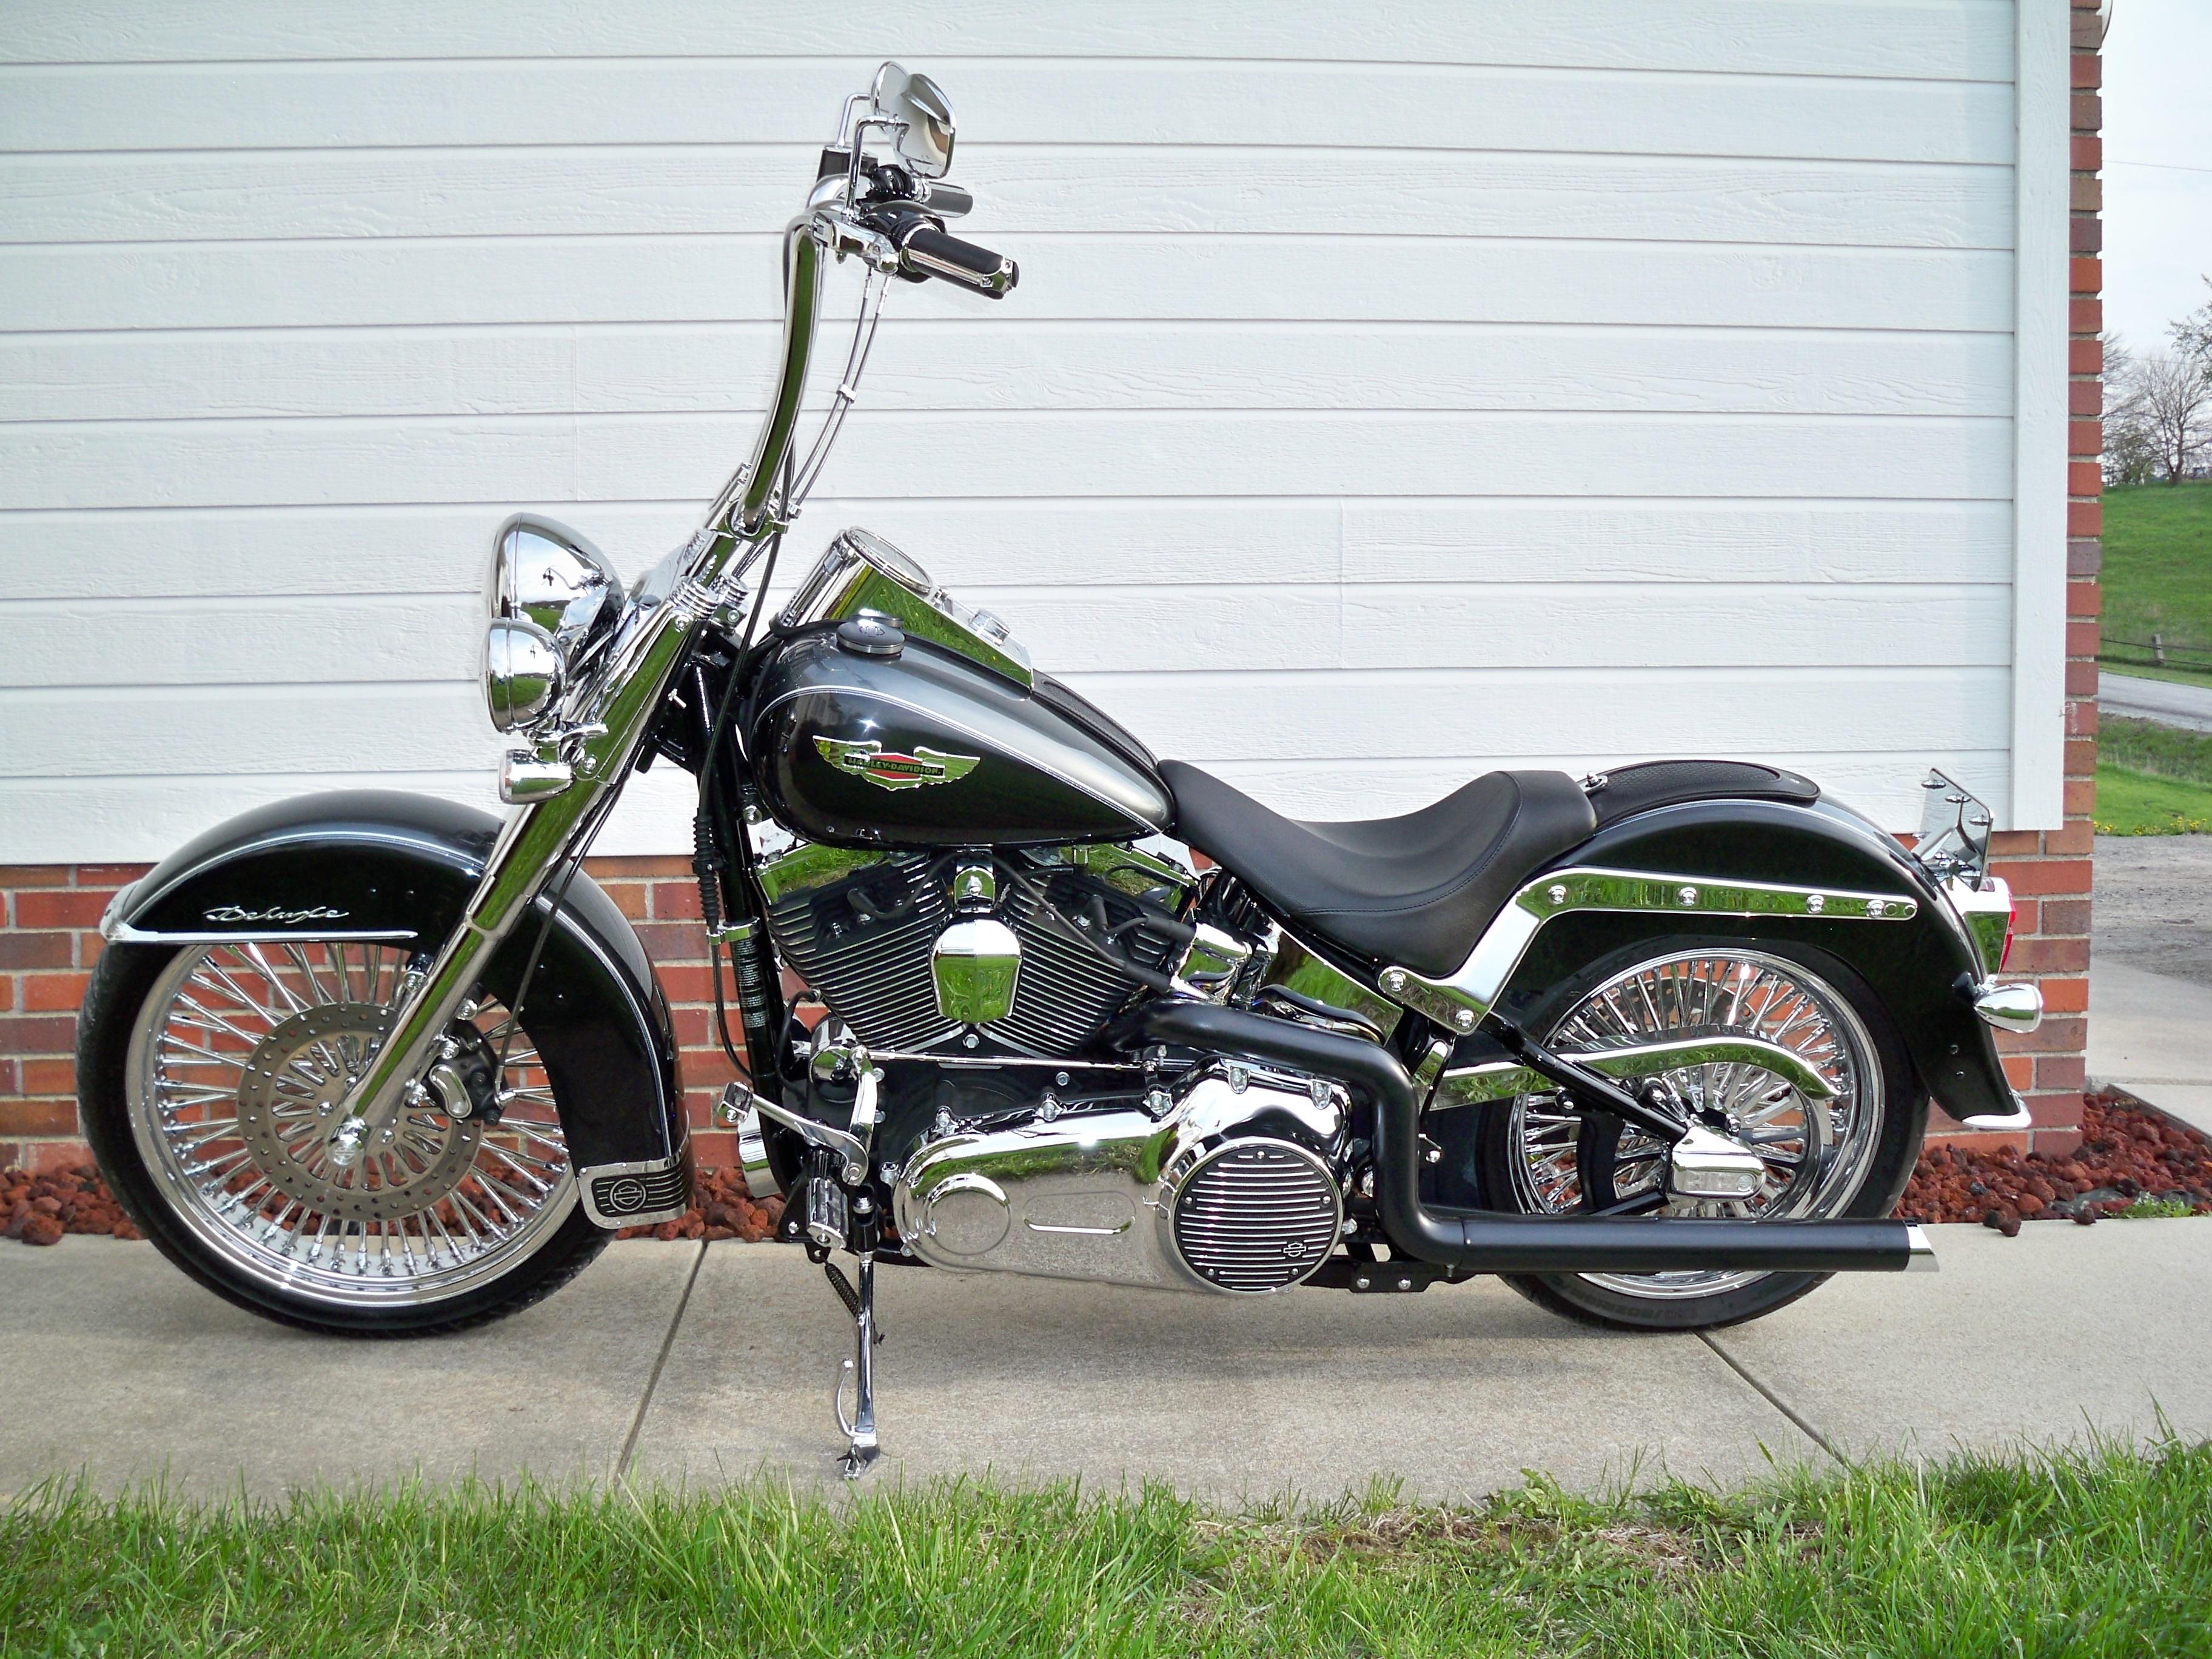 2011 Harley-Davidson® FLSTN Softail® Deluxe